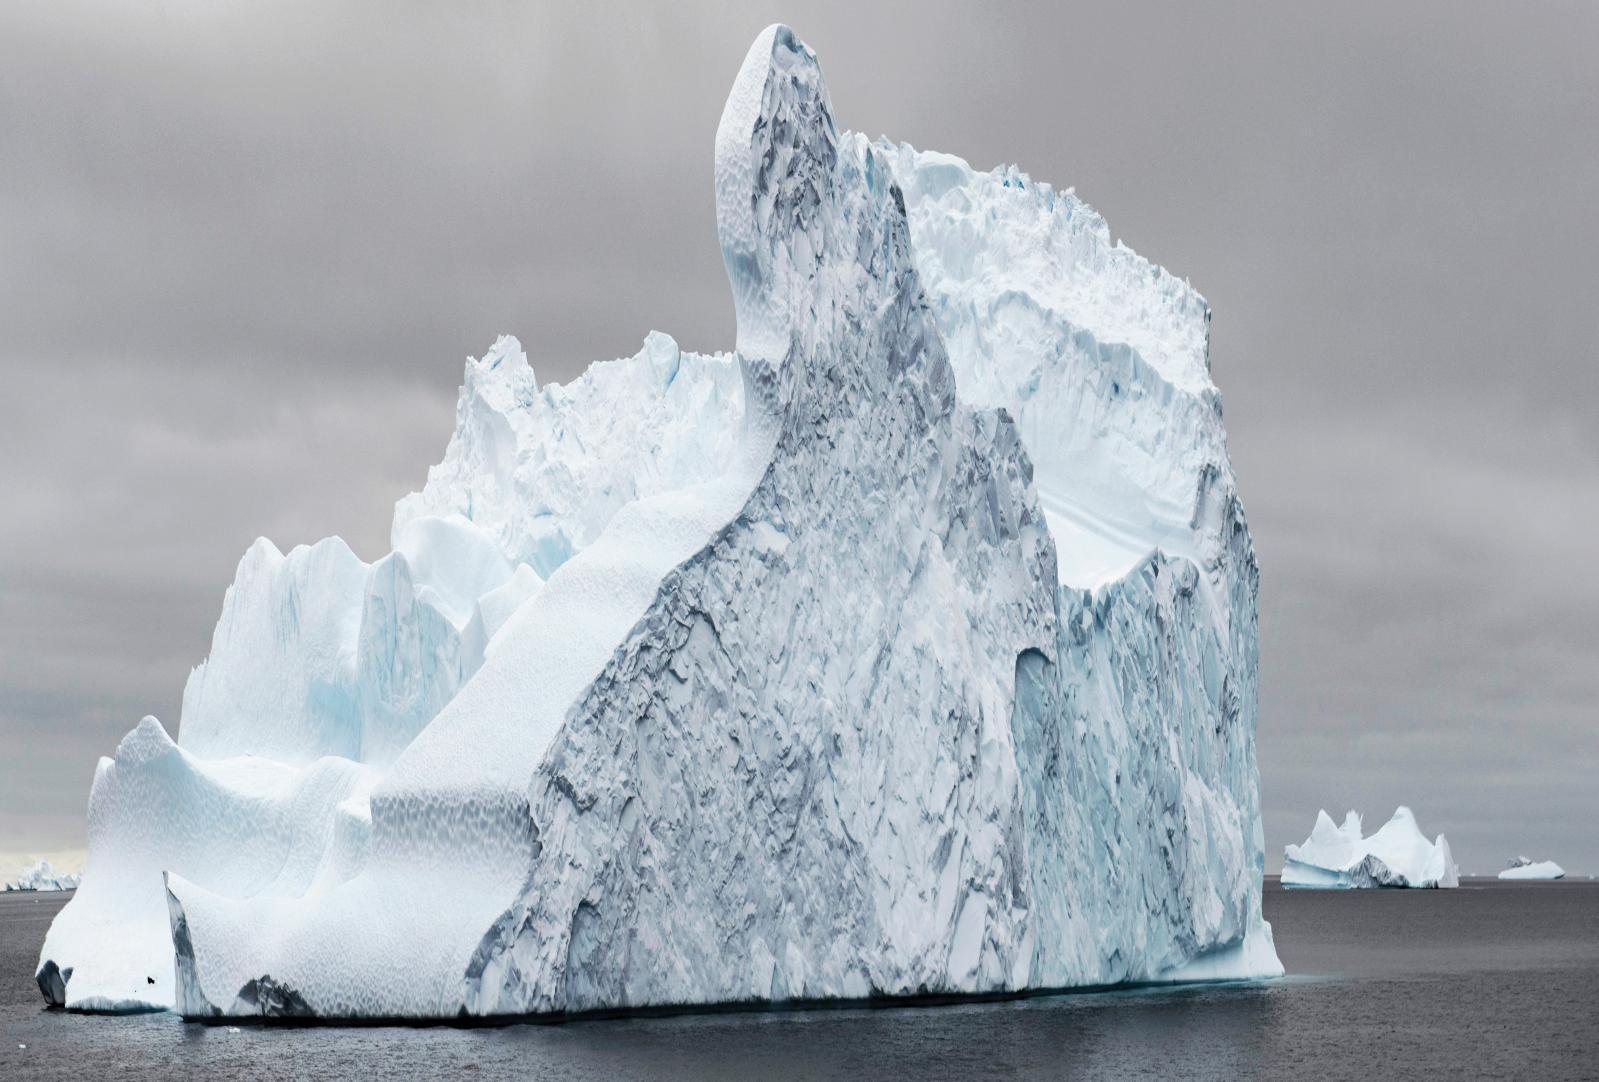 Philippe Chancel, Datazone #13, continent Antarctique, Charcot Point, 2017. Avec l'aimable autorisation de l'artiste et de Melanie Rio Fluency.